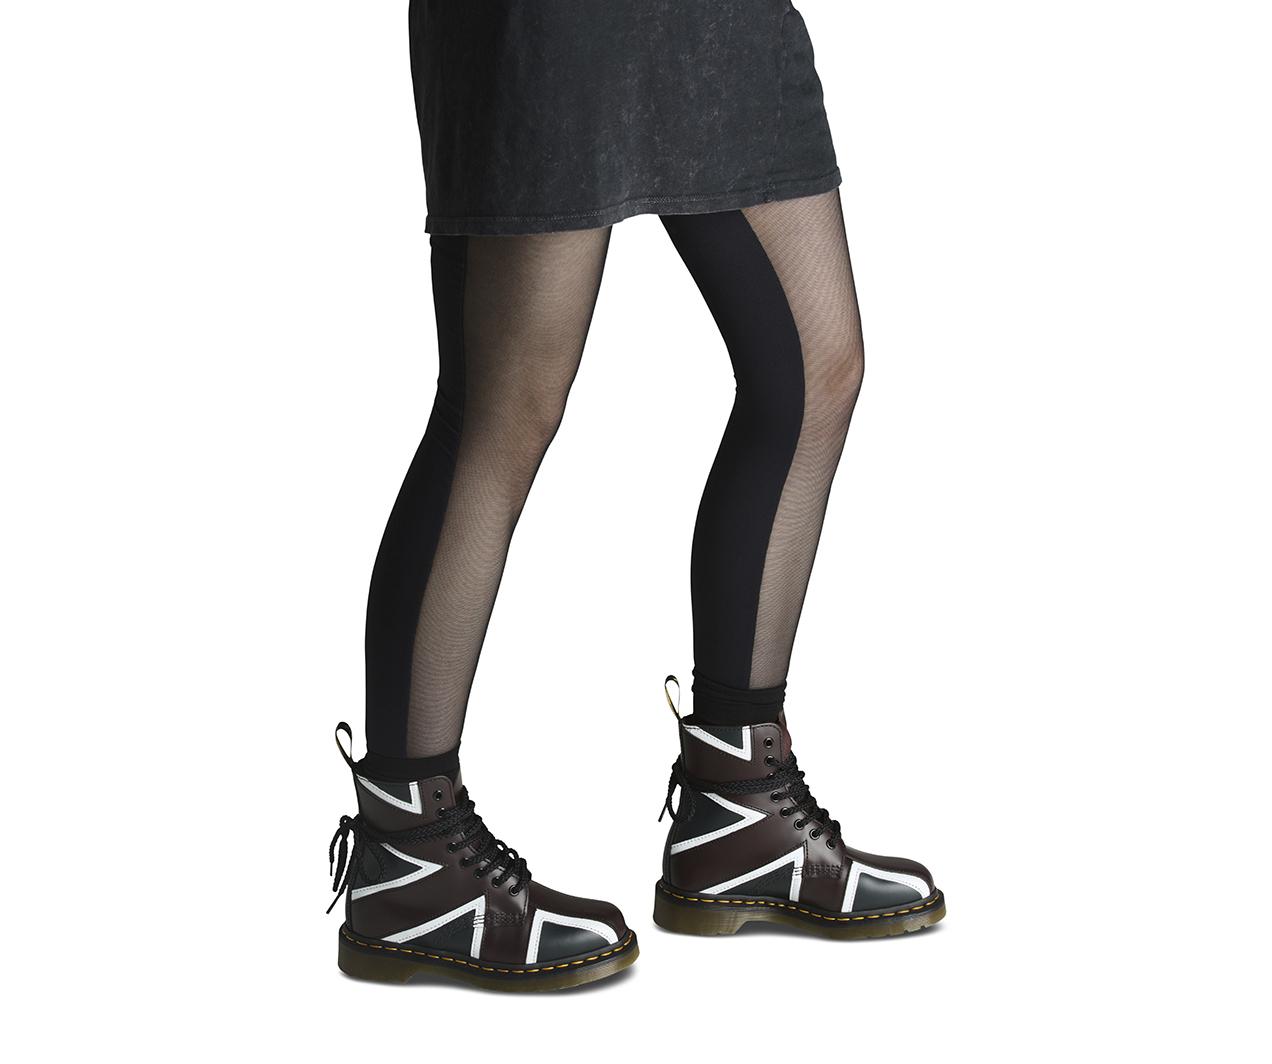 UNION JACK 1460 PASCAL | Men's Boots | Official Dr Martens